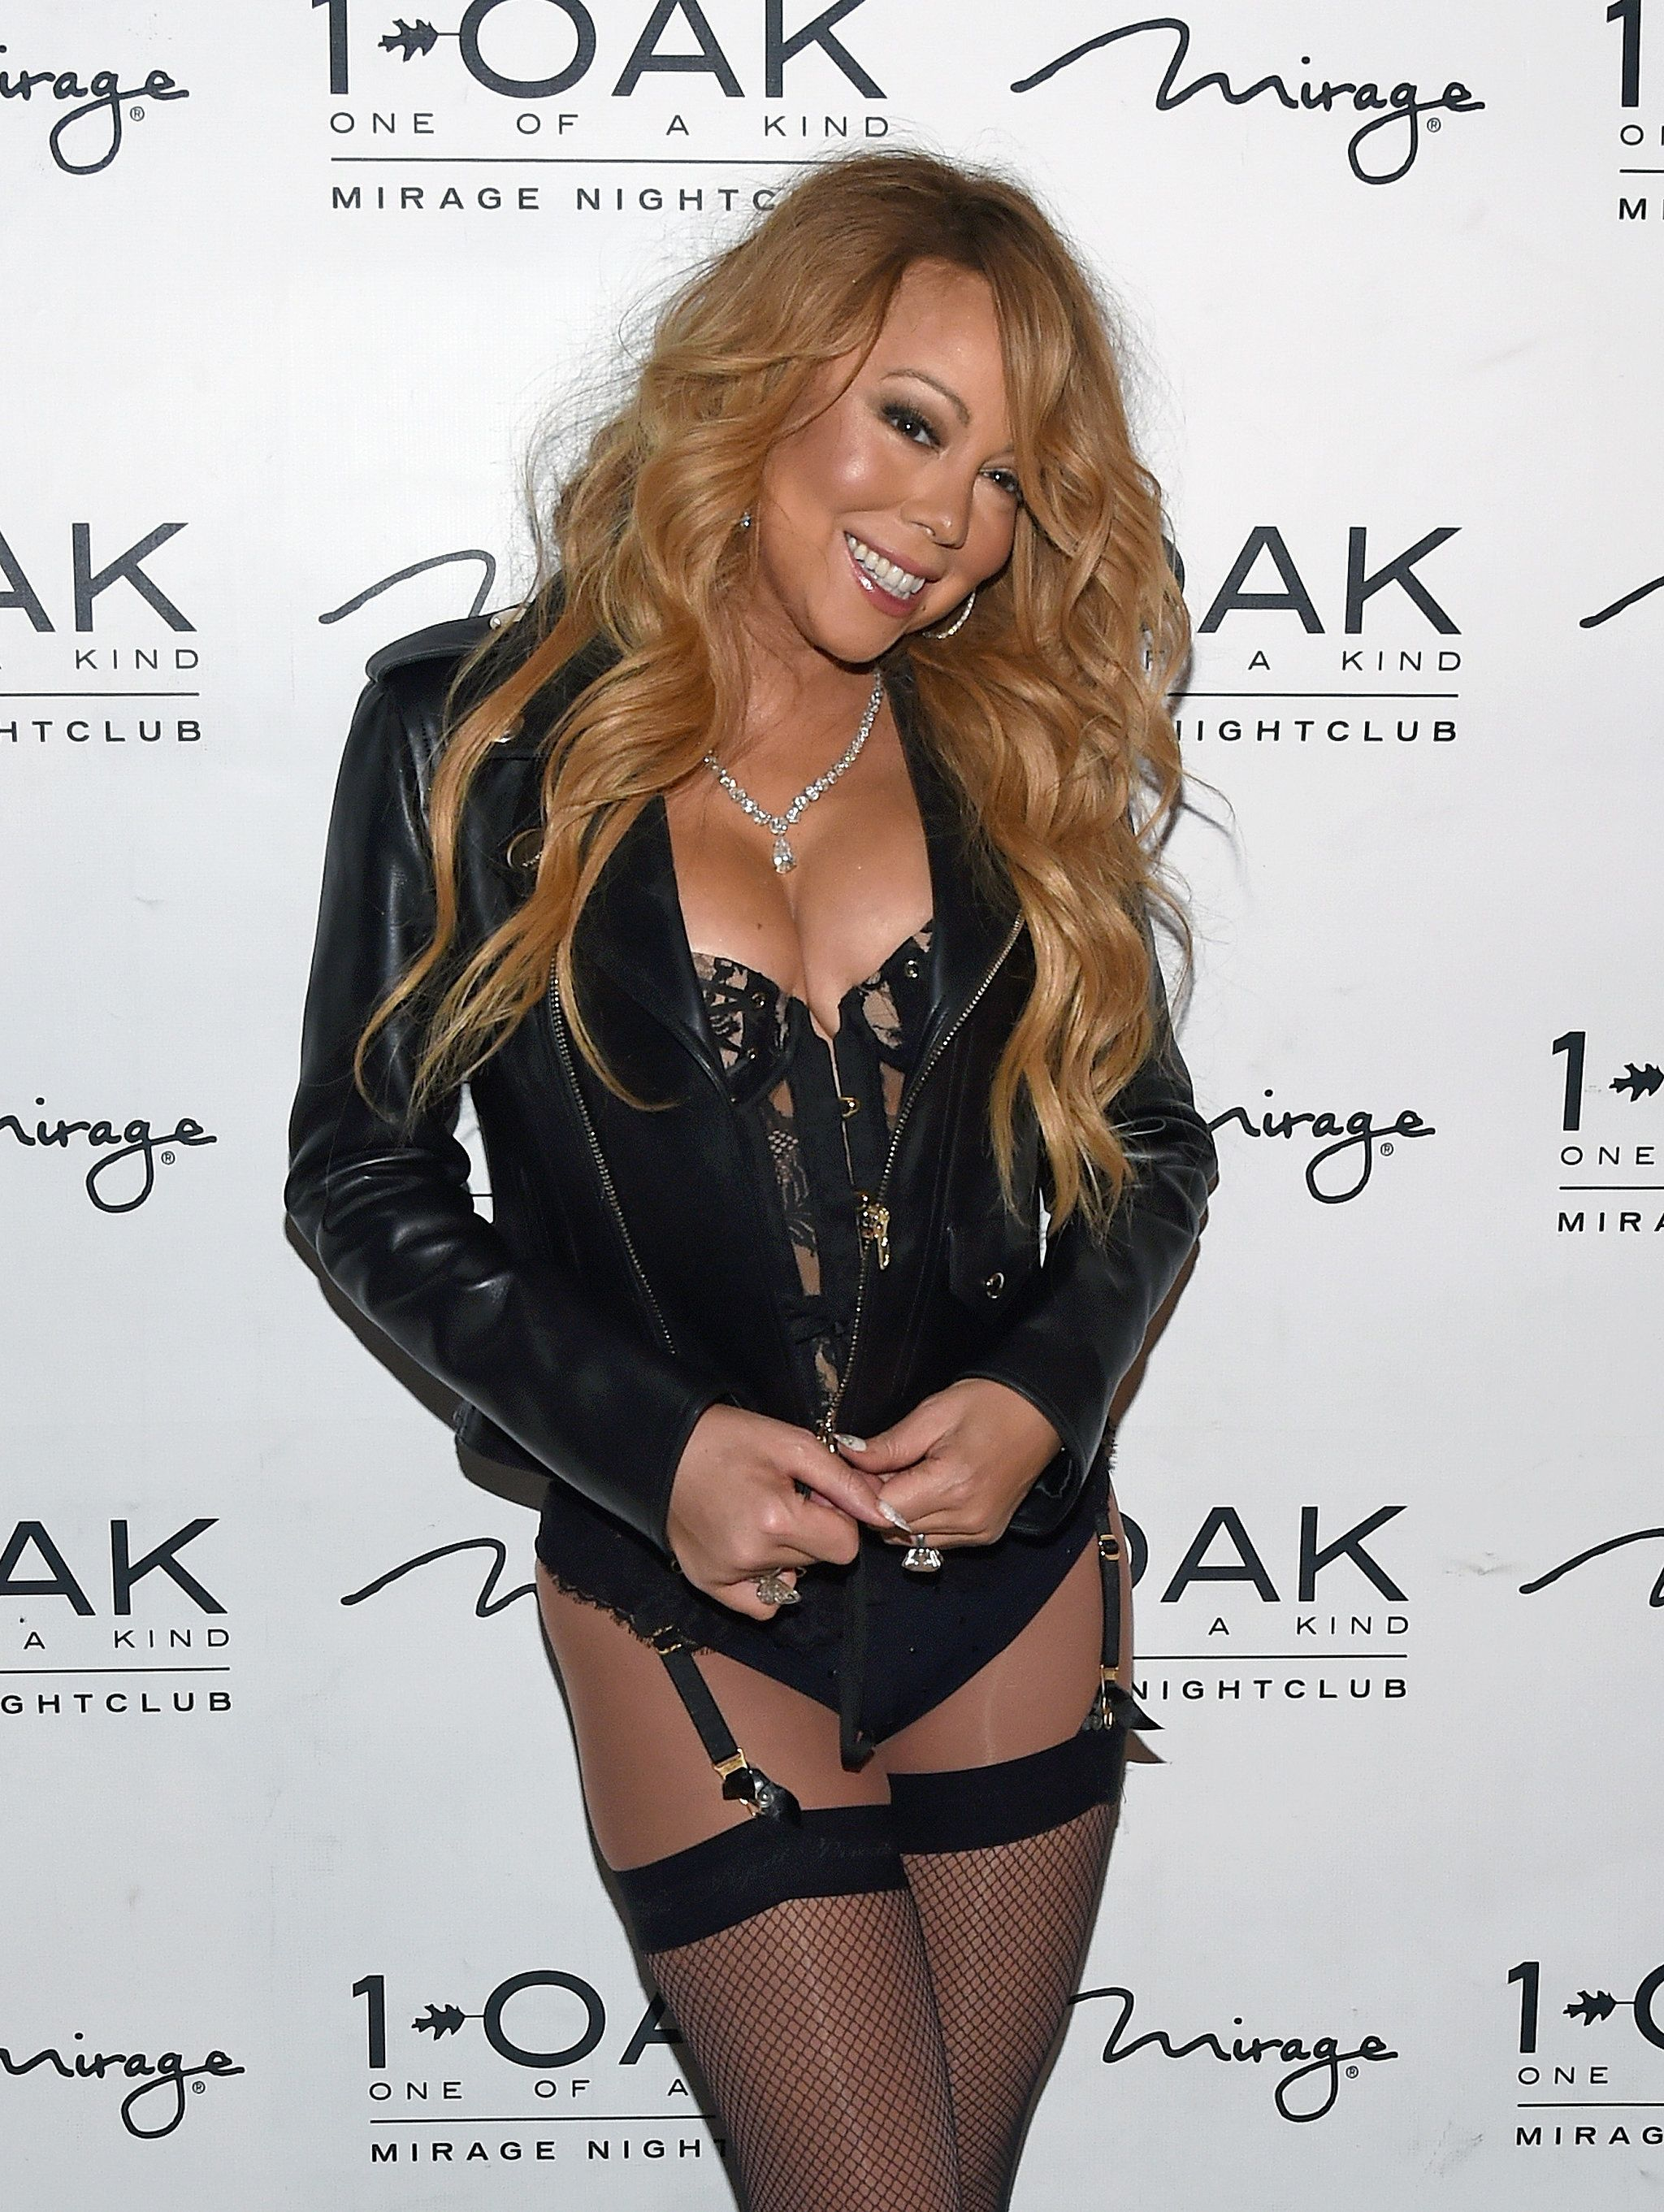 Mariah Carey Didnt Hold Anything Back During Her DJ Debut in Vegas